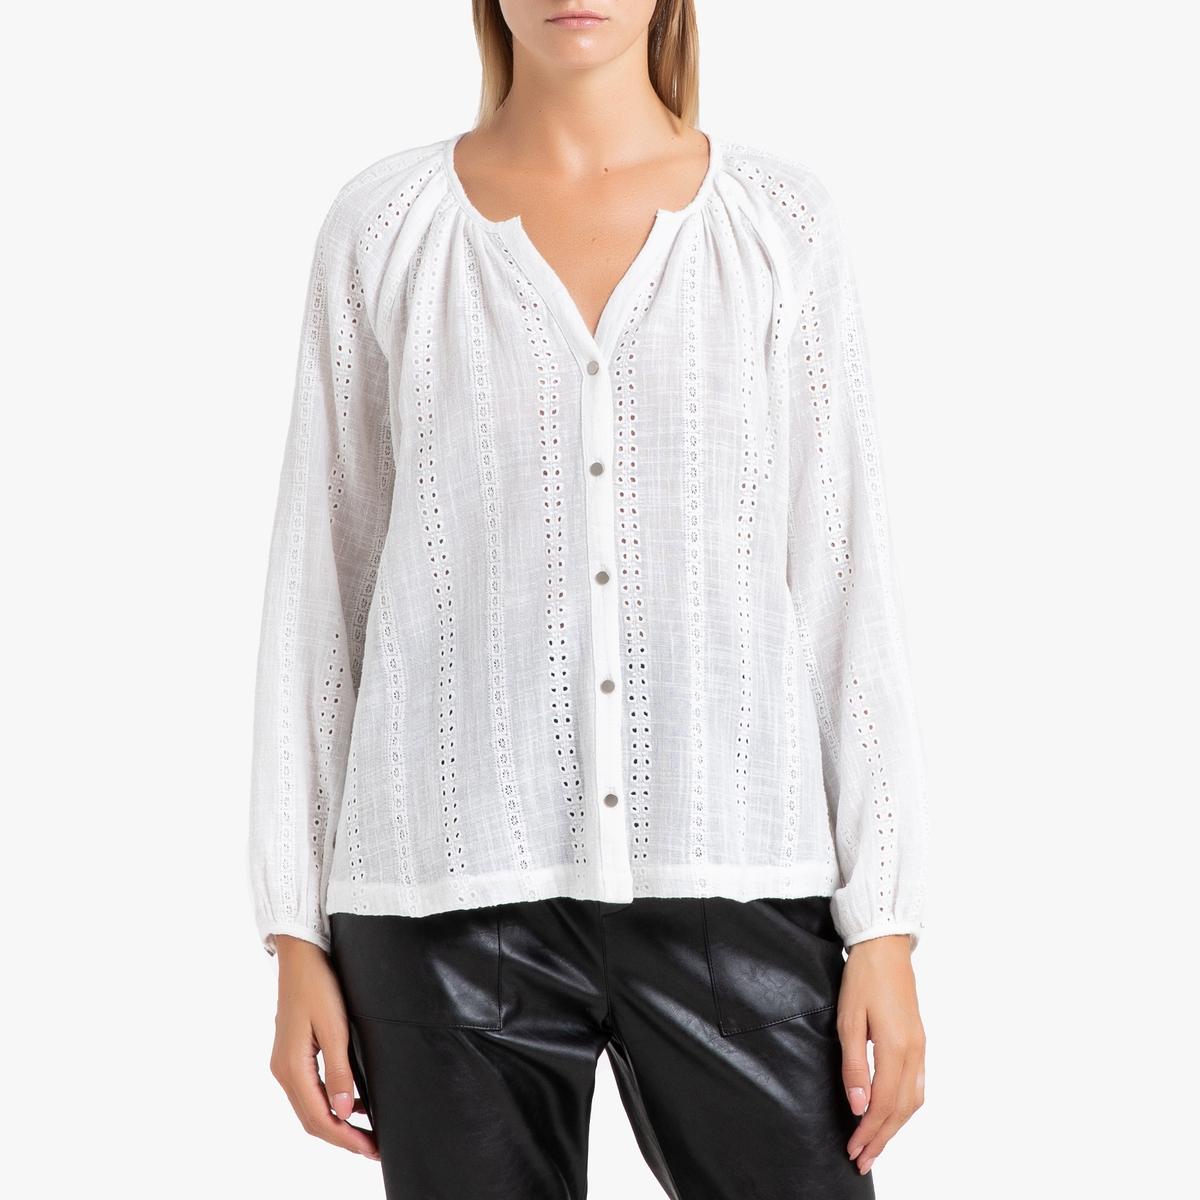 Блузка La Redoute С длинными рукавами и английской вышивкой LEVI 3(L) белый платье с длинными рукавами с вышивкой